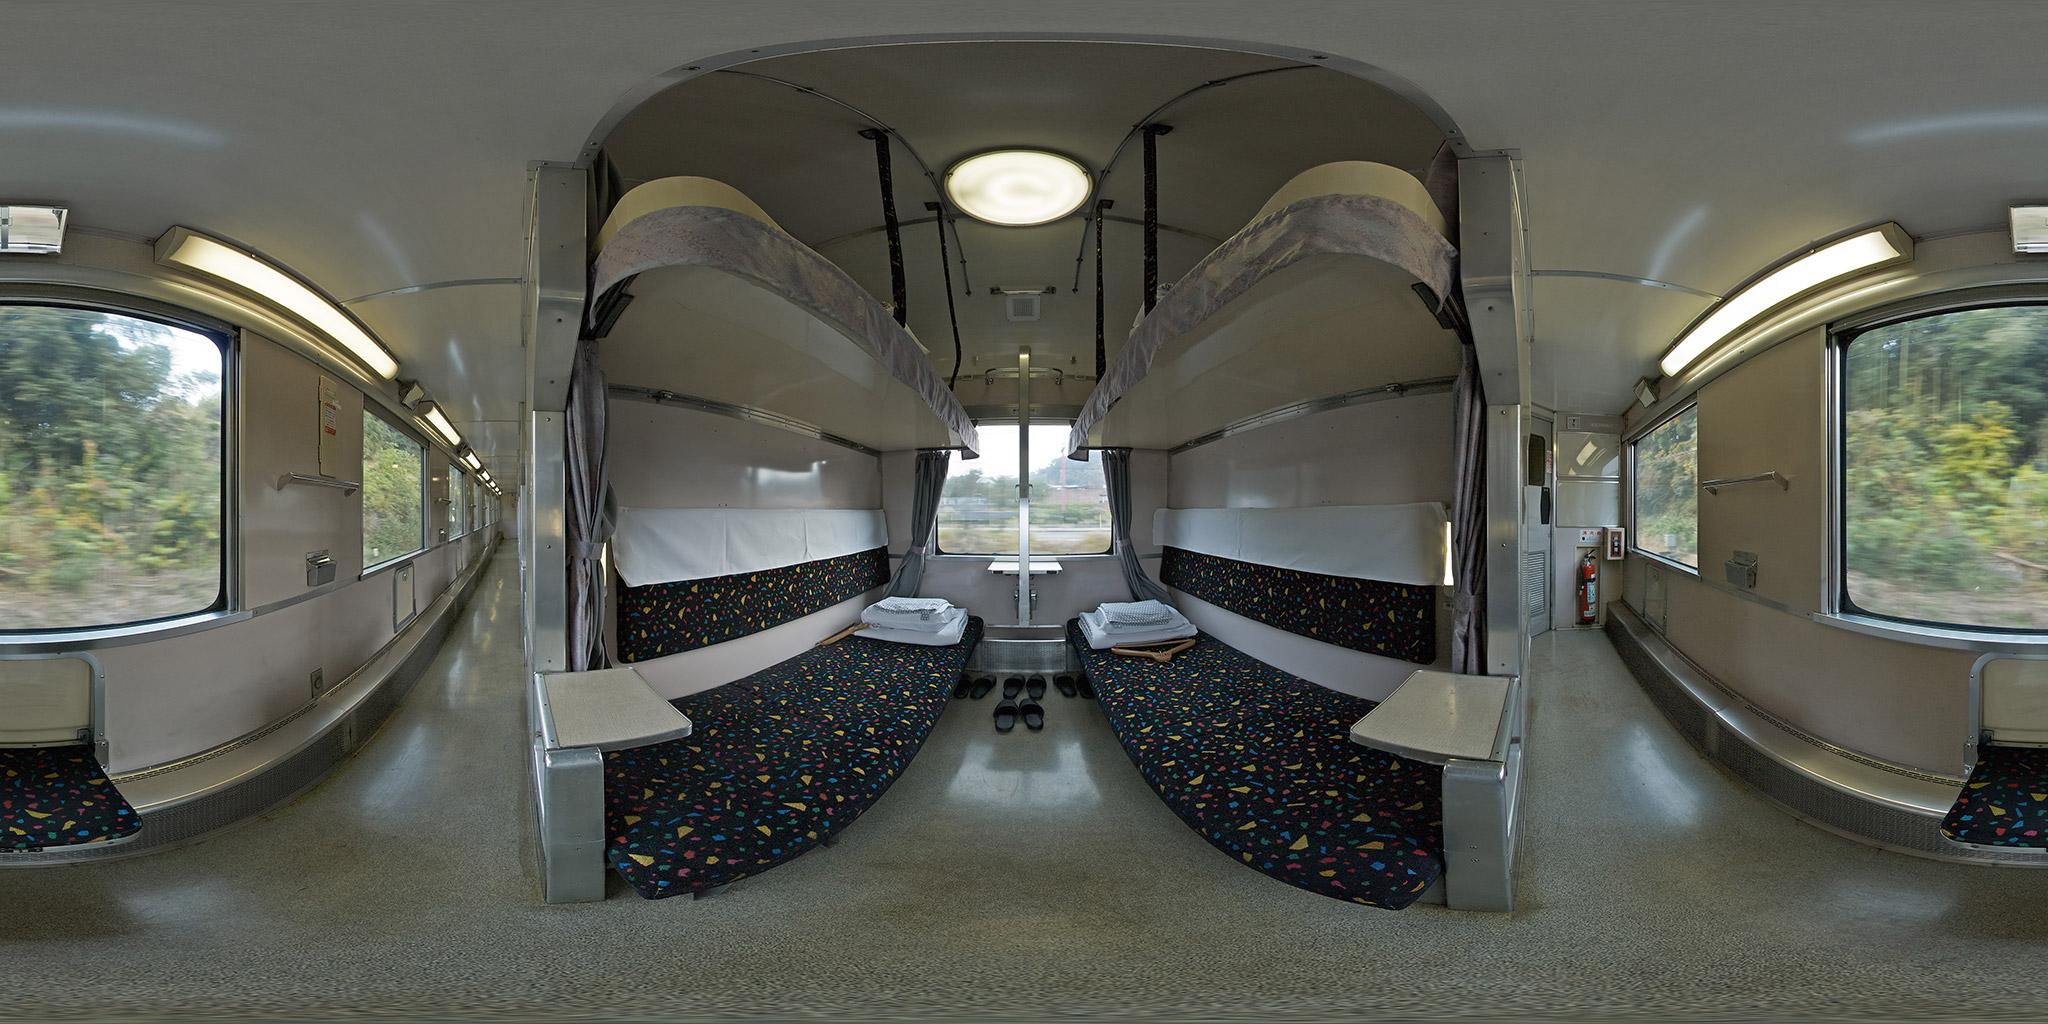 B寝台(スハネフ14-12)車内のパノラマ